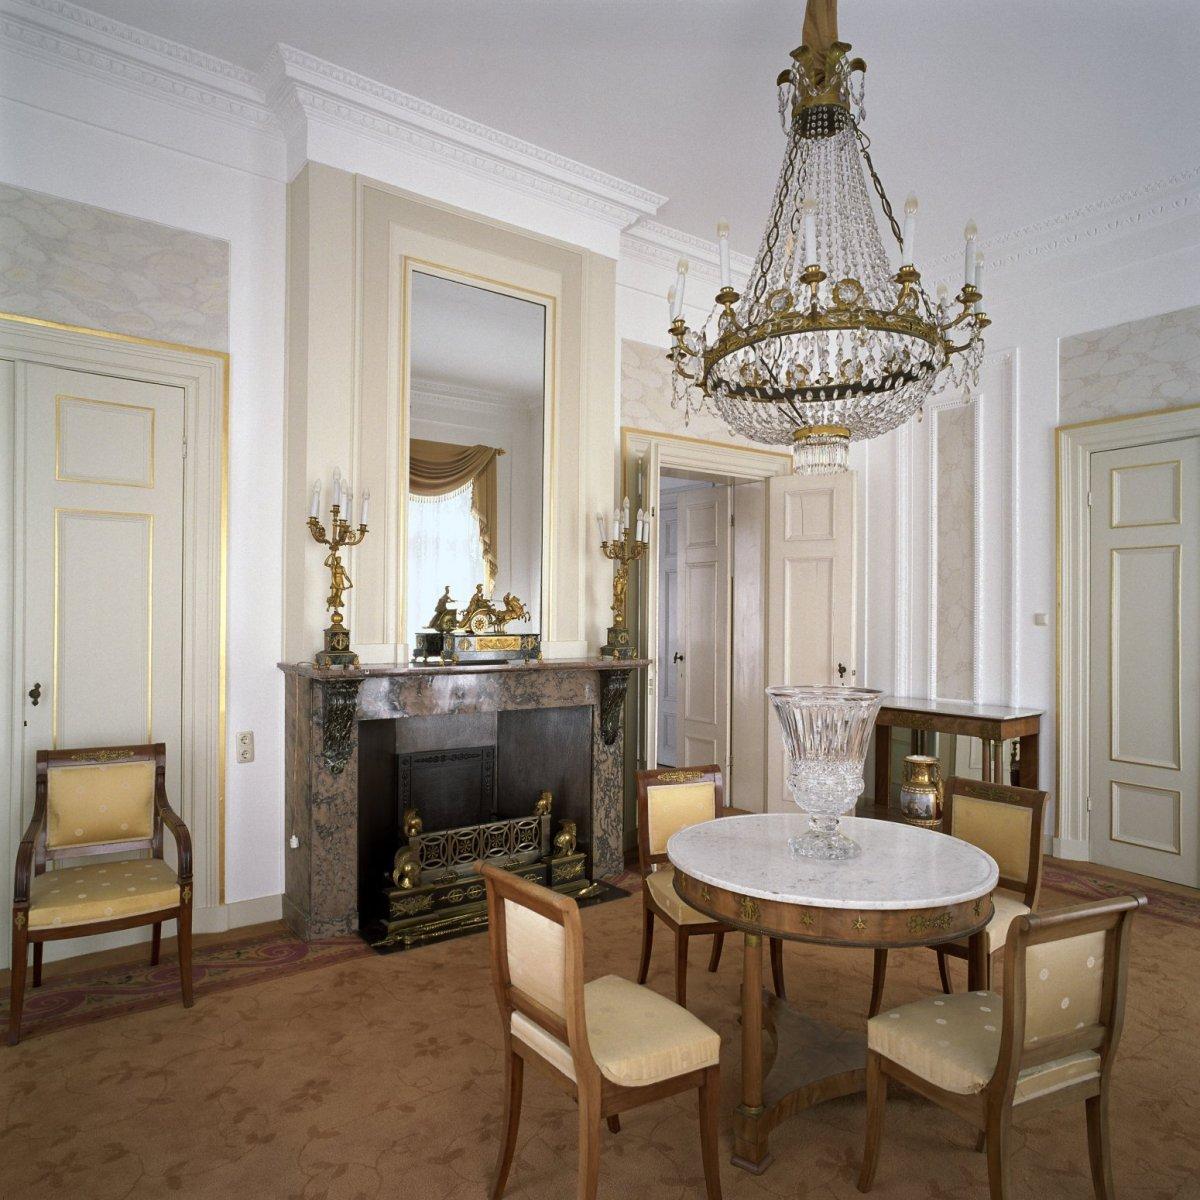 File:Interieur, overzicht van de hoekkamer, een kleine eetkamer, met ...